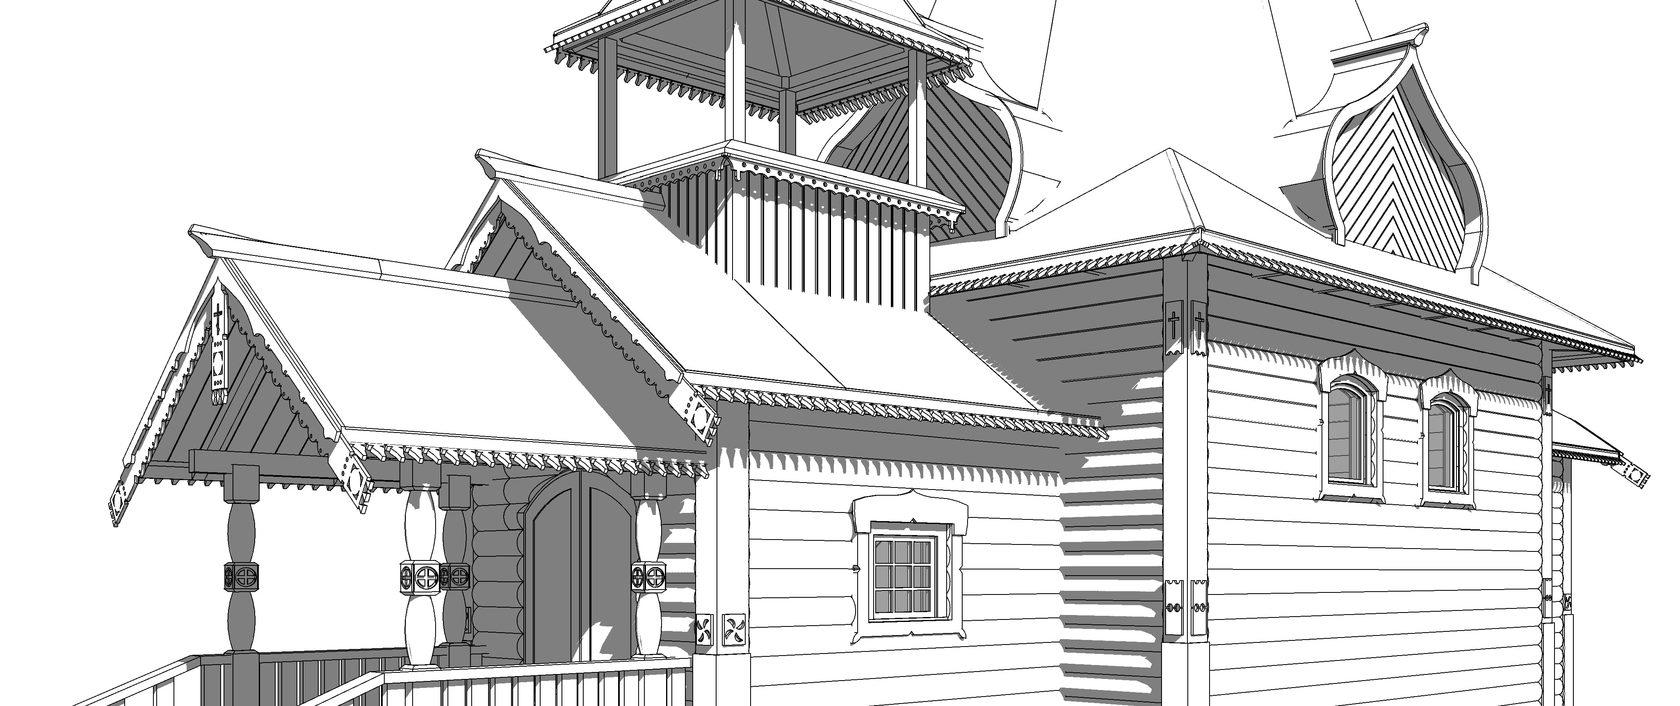 Проект деревянного храма, церковь проект,  храм строительство